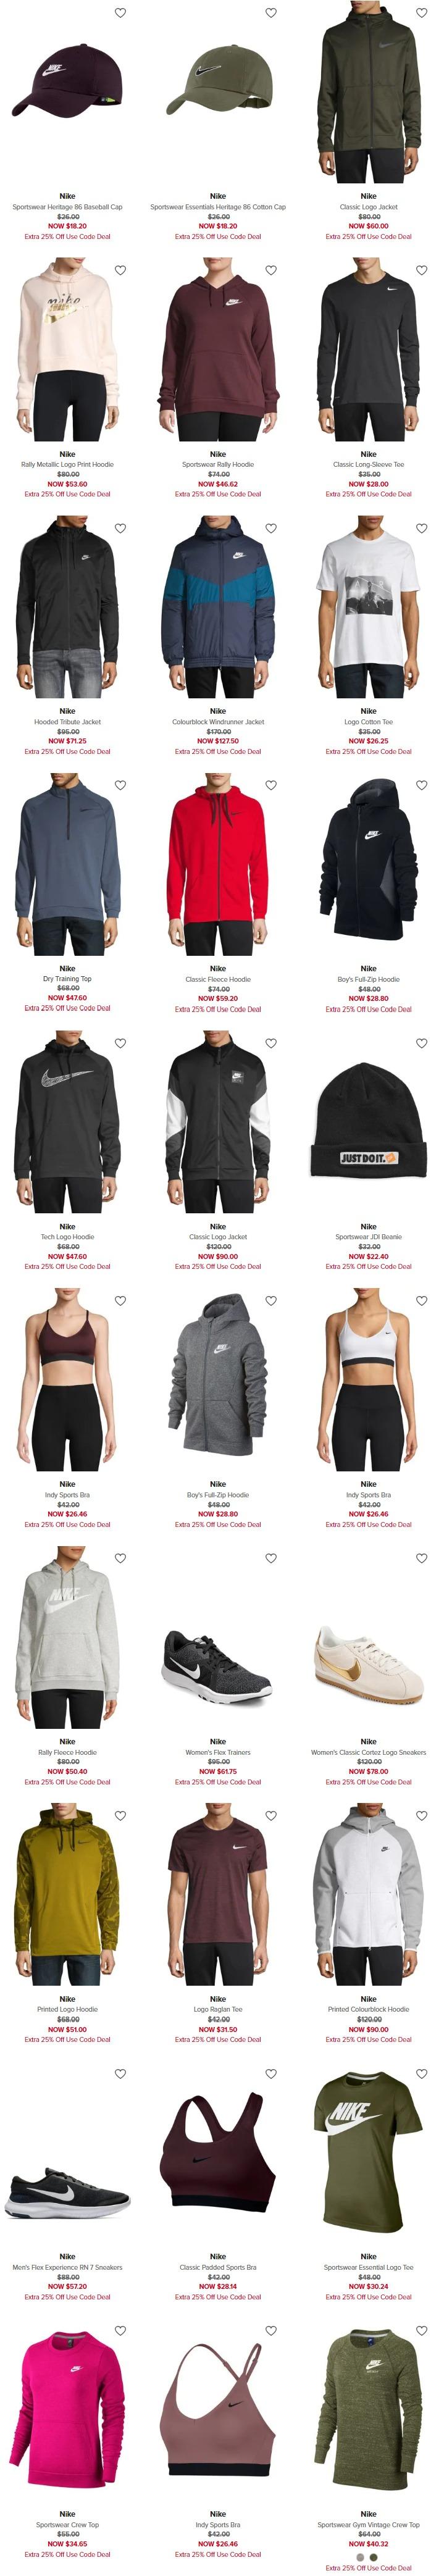 精选 Nike 耐克 成人儿童运动服饰、运动鞋5折起清仓+额外7.5折!